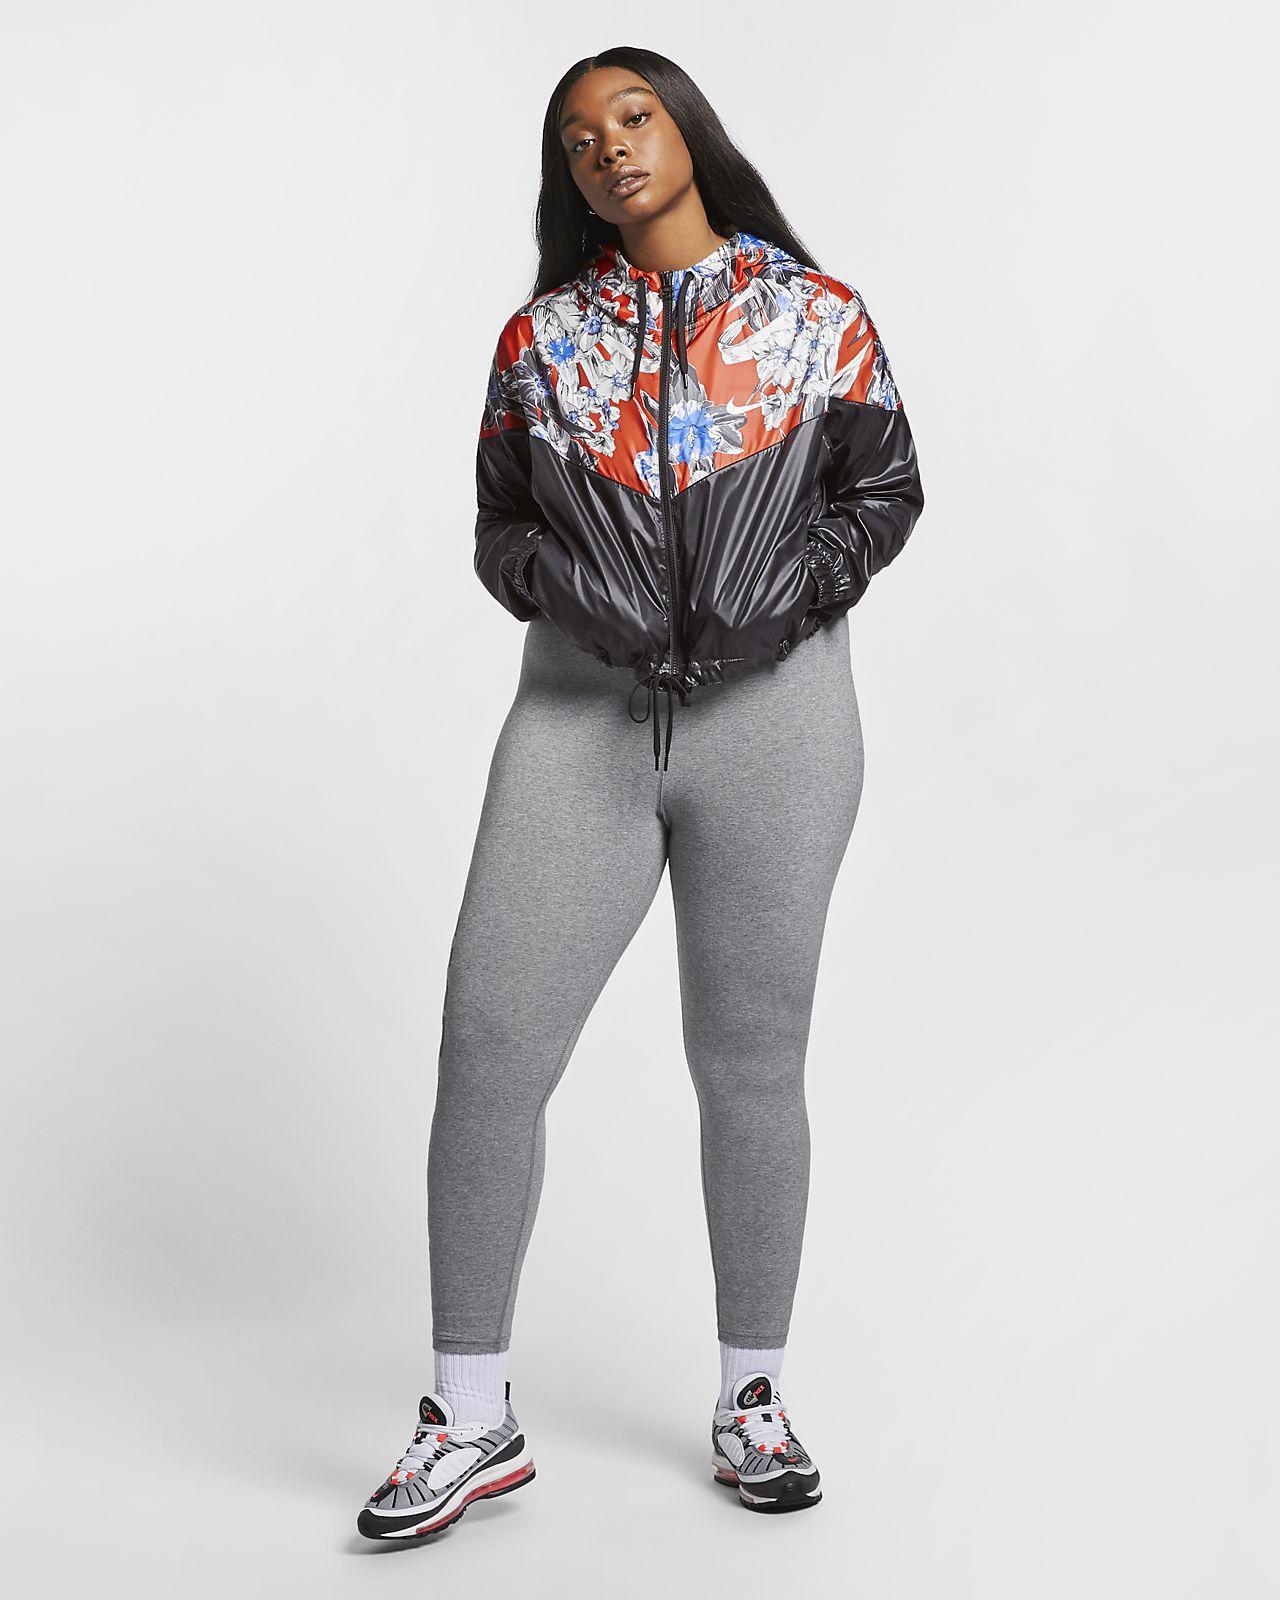 new styles 7418c ccb59 ... Kort jacka Nike Sportswear Windrunner med blommönster för kvinnor (stora  storlekar)